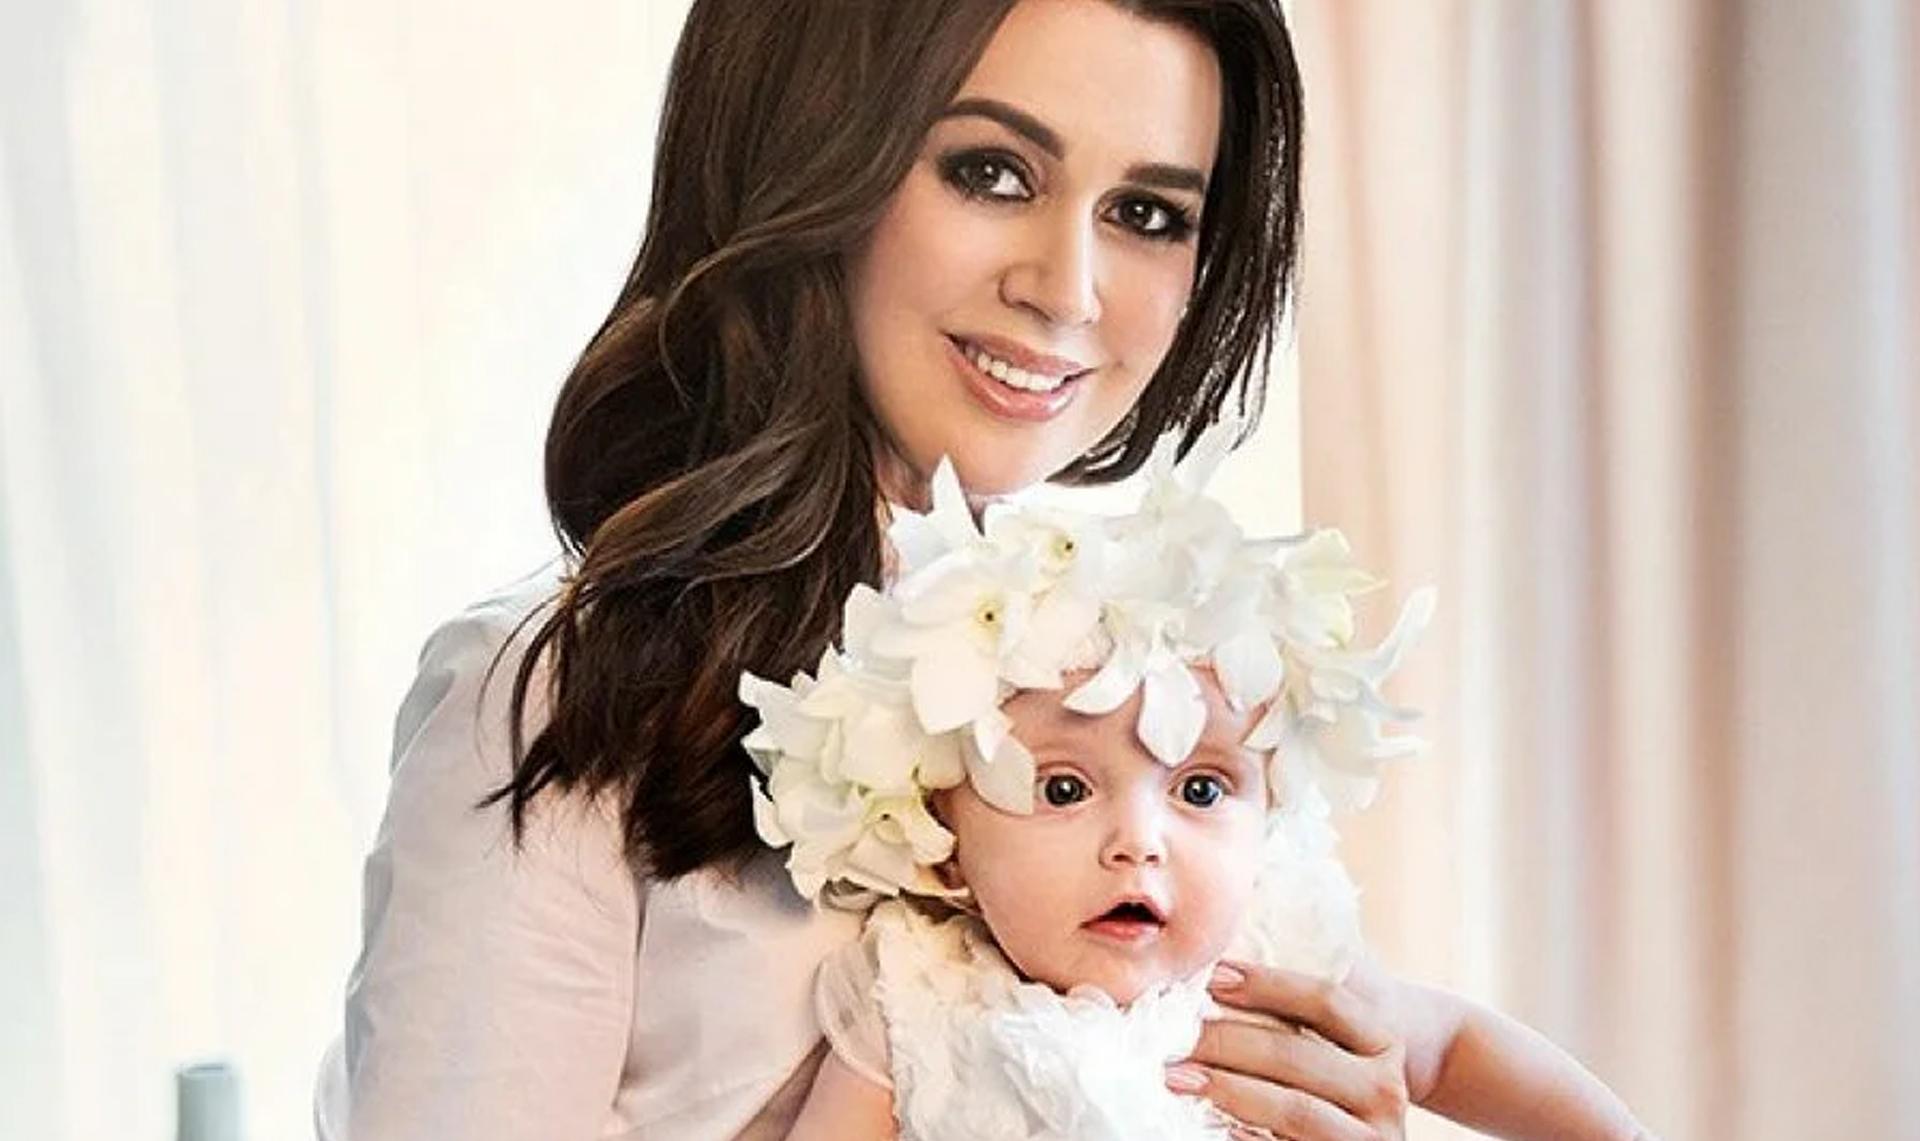 Дочь Заворотнюк: «Я надеюсь моя самая лучшая в мире мама поправится, а в наш дом вновь войдет радость и счастье»